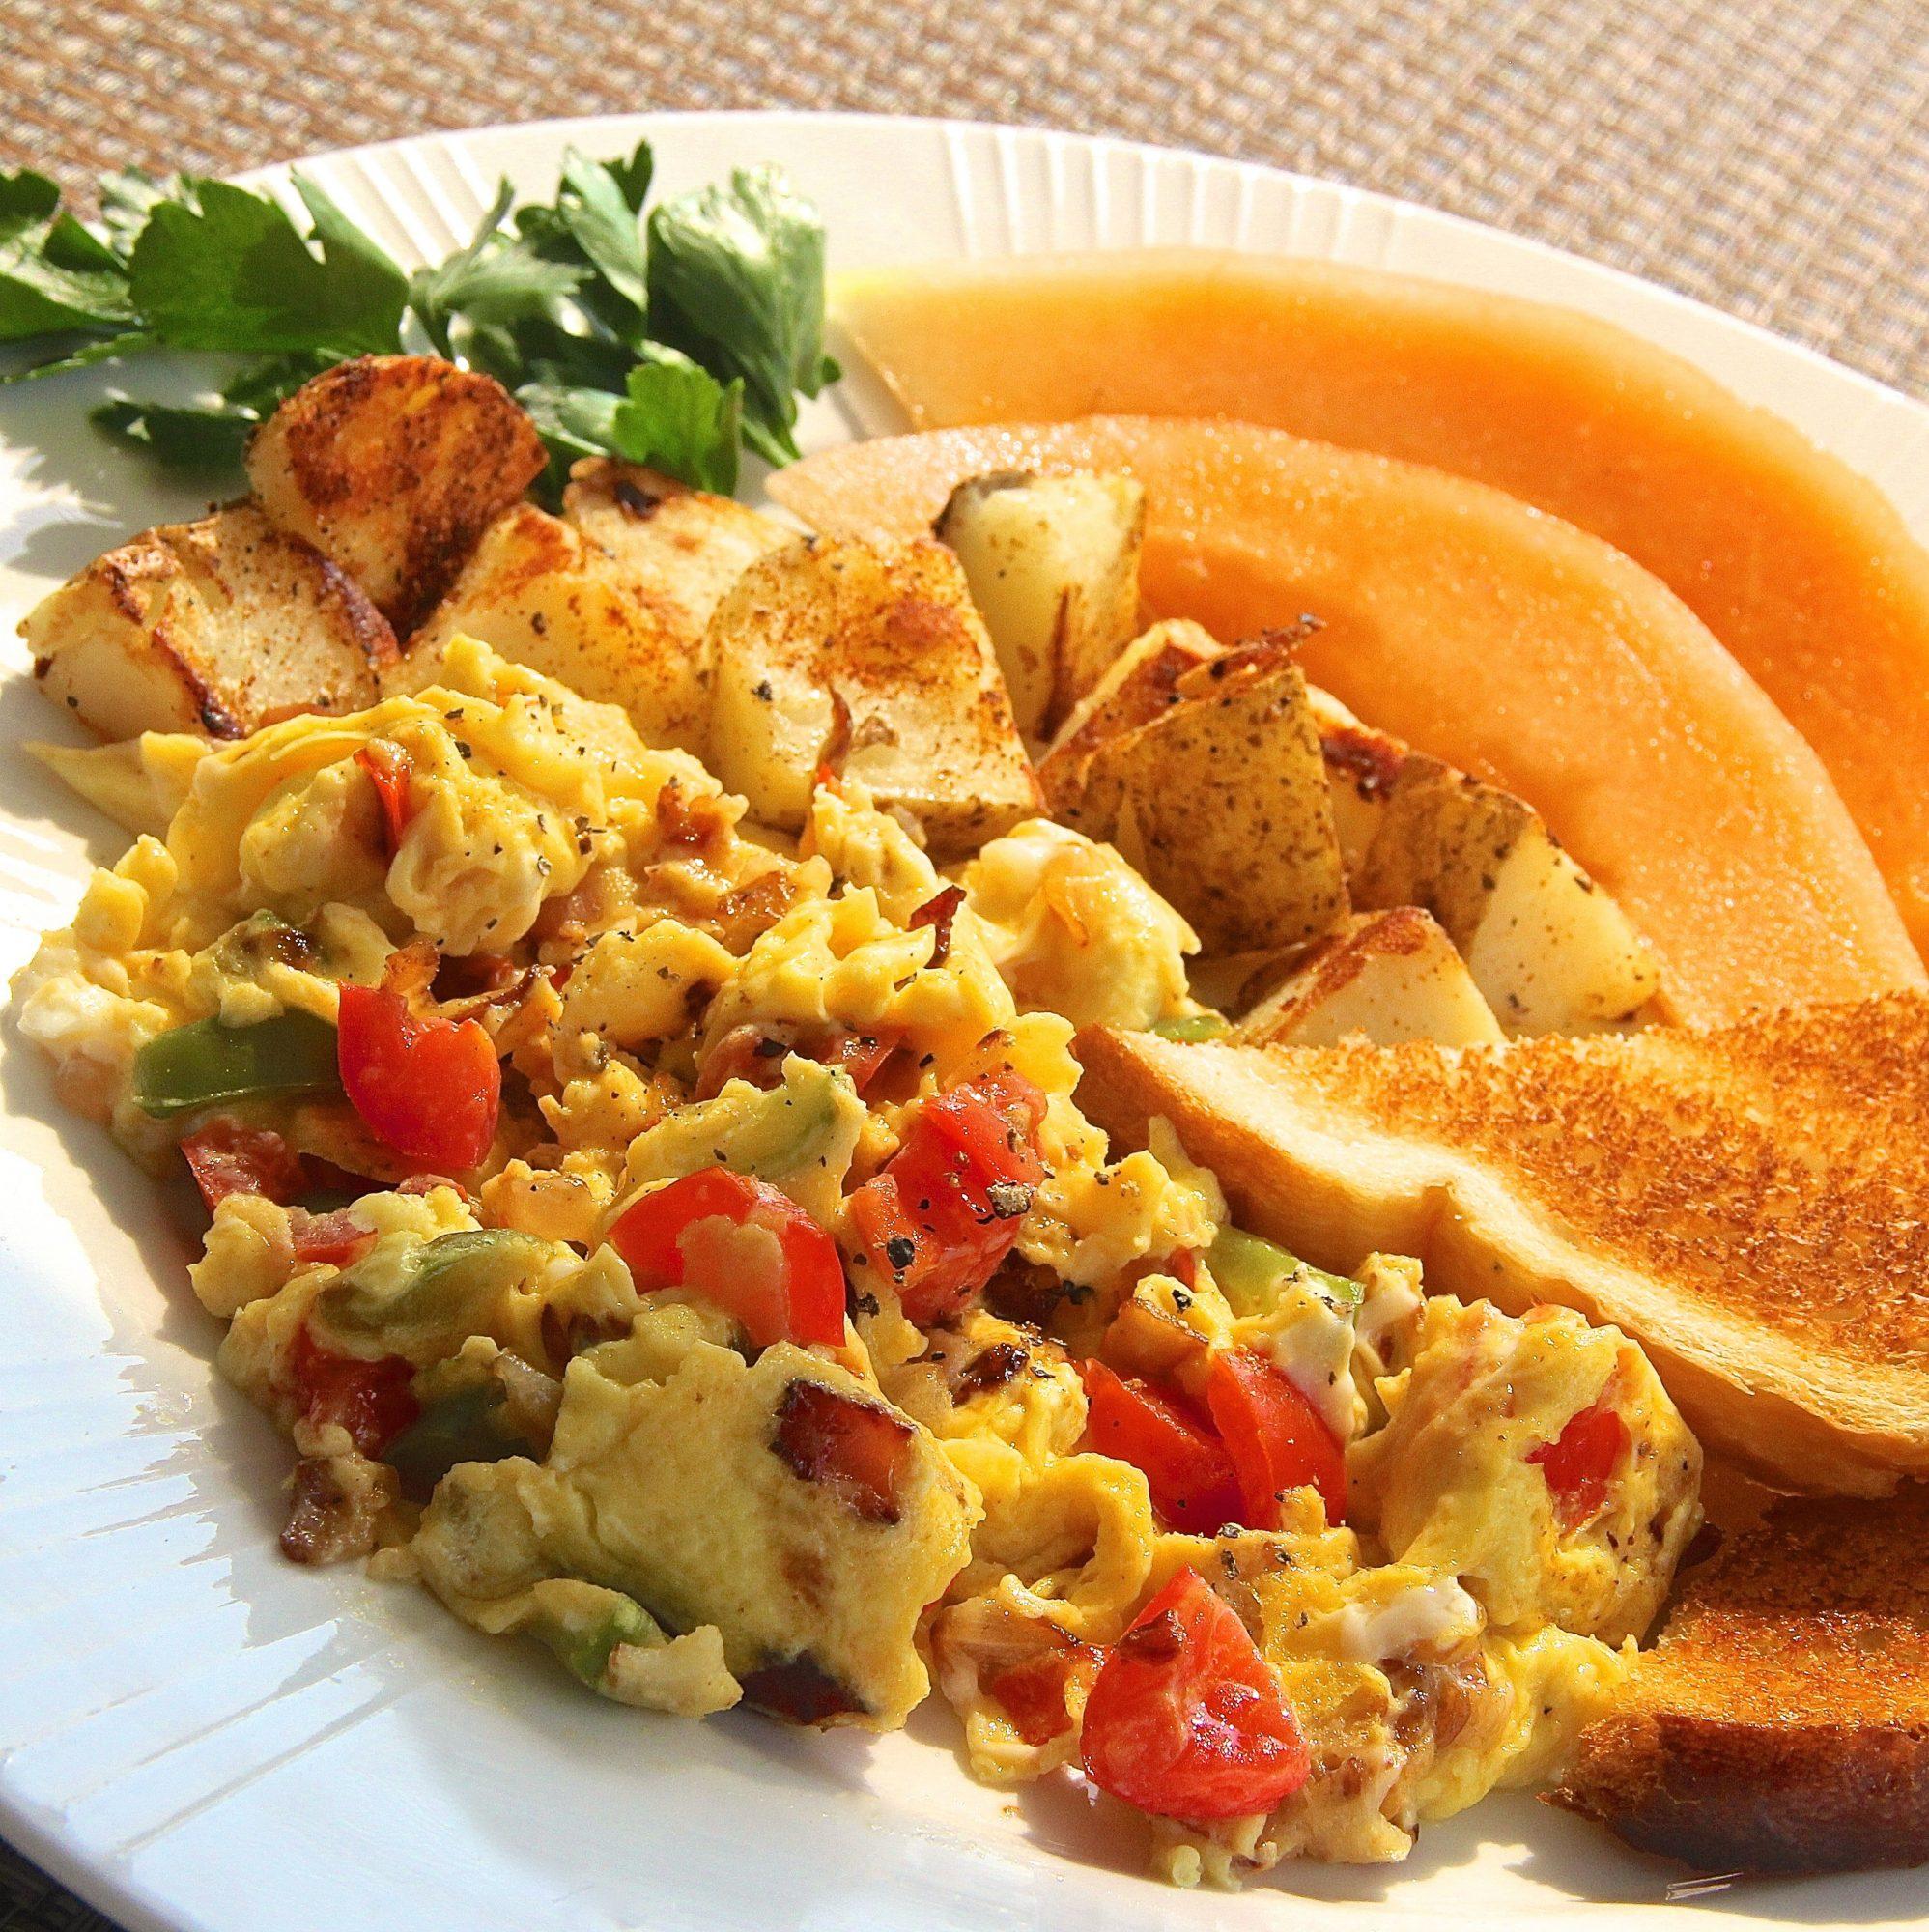 Huevos con tocino y verduras